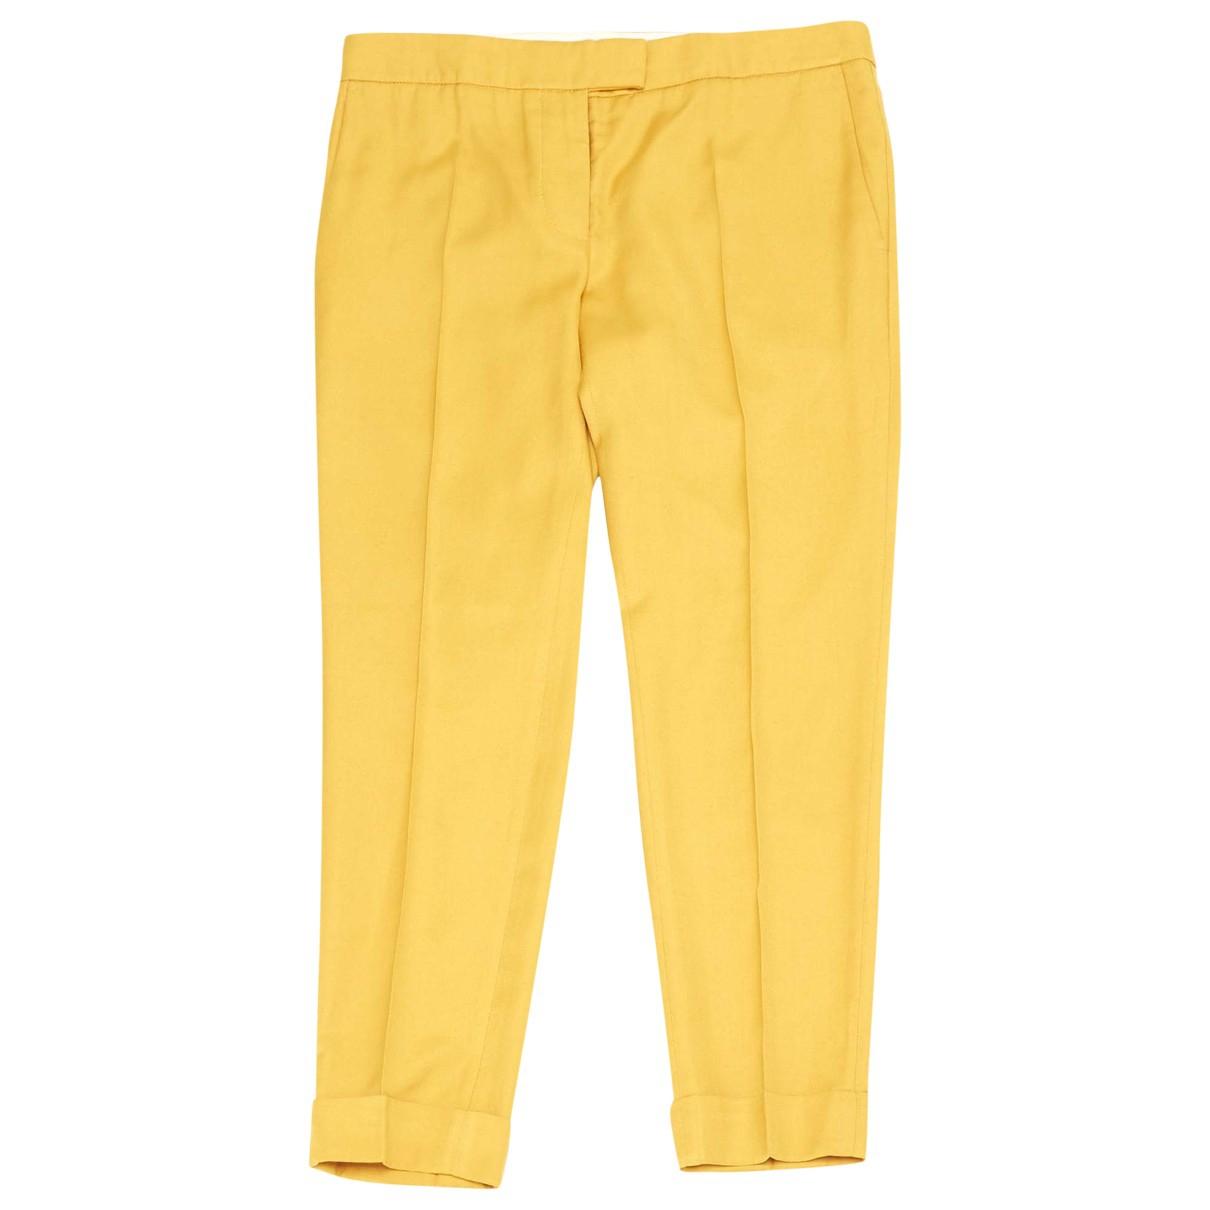 Stella Mccartney \N Yellow Trousers for Women 40 IT